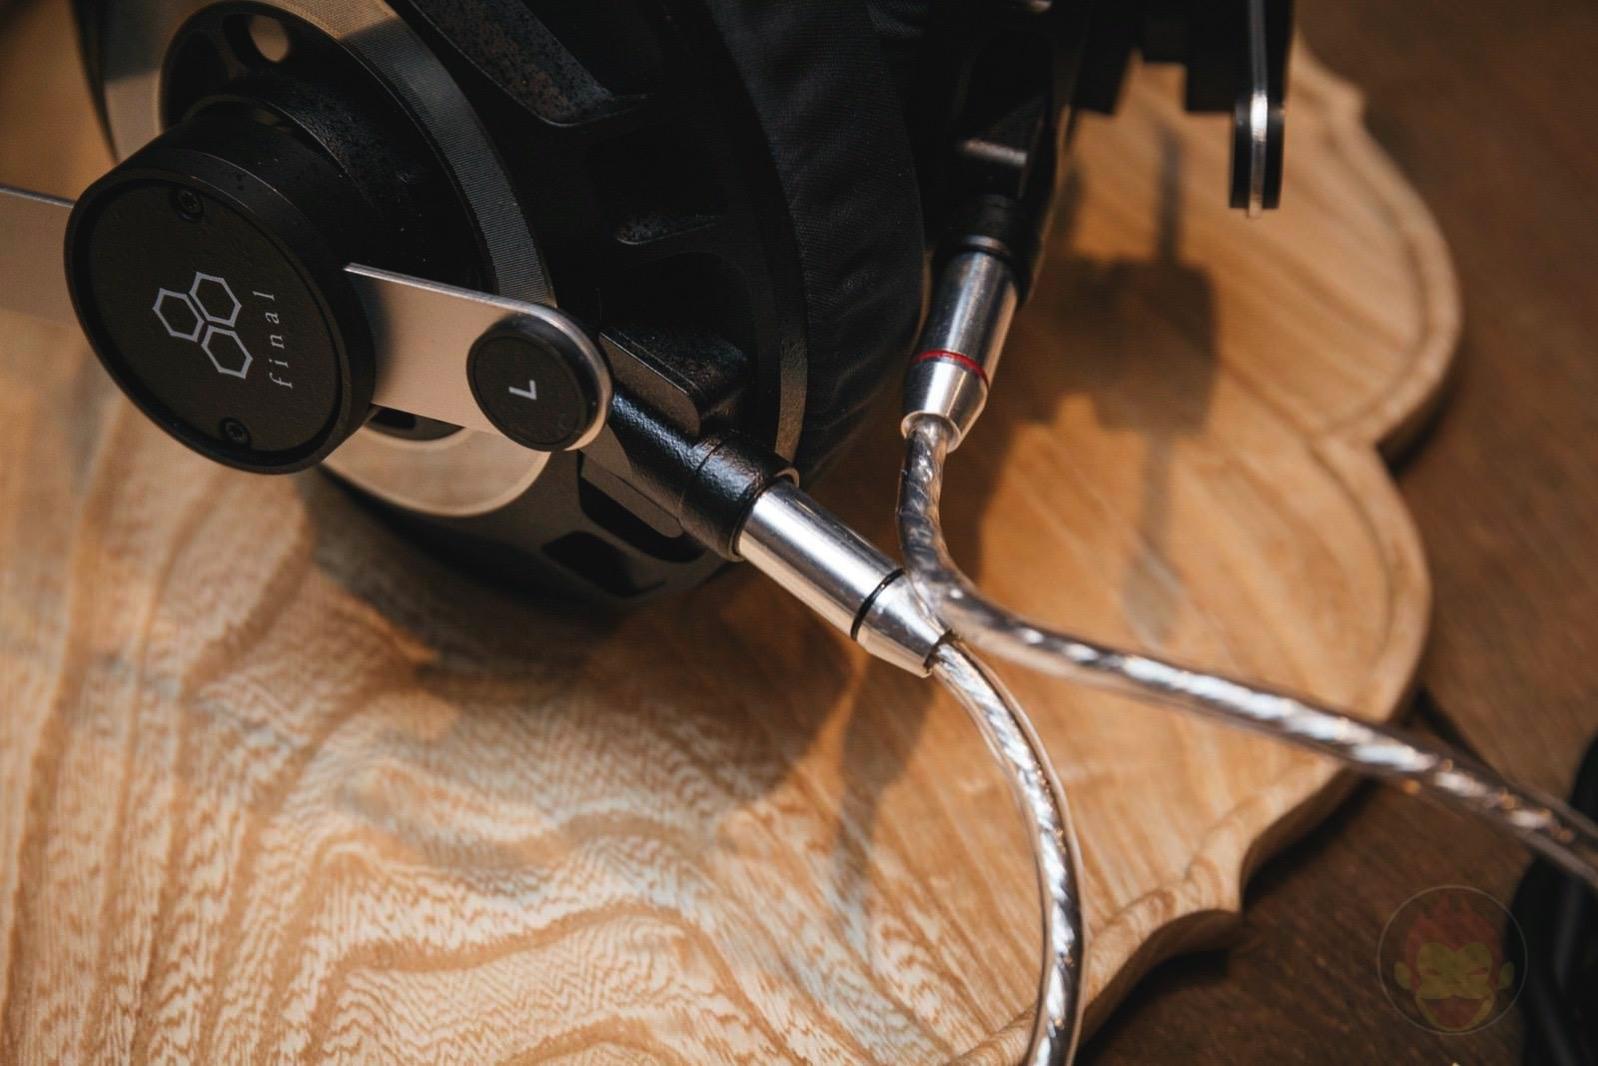 Final-Audio-Design-Headphones-and-Earphones-06.jpg